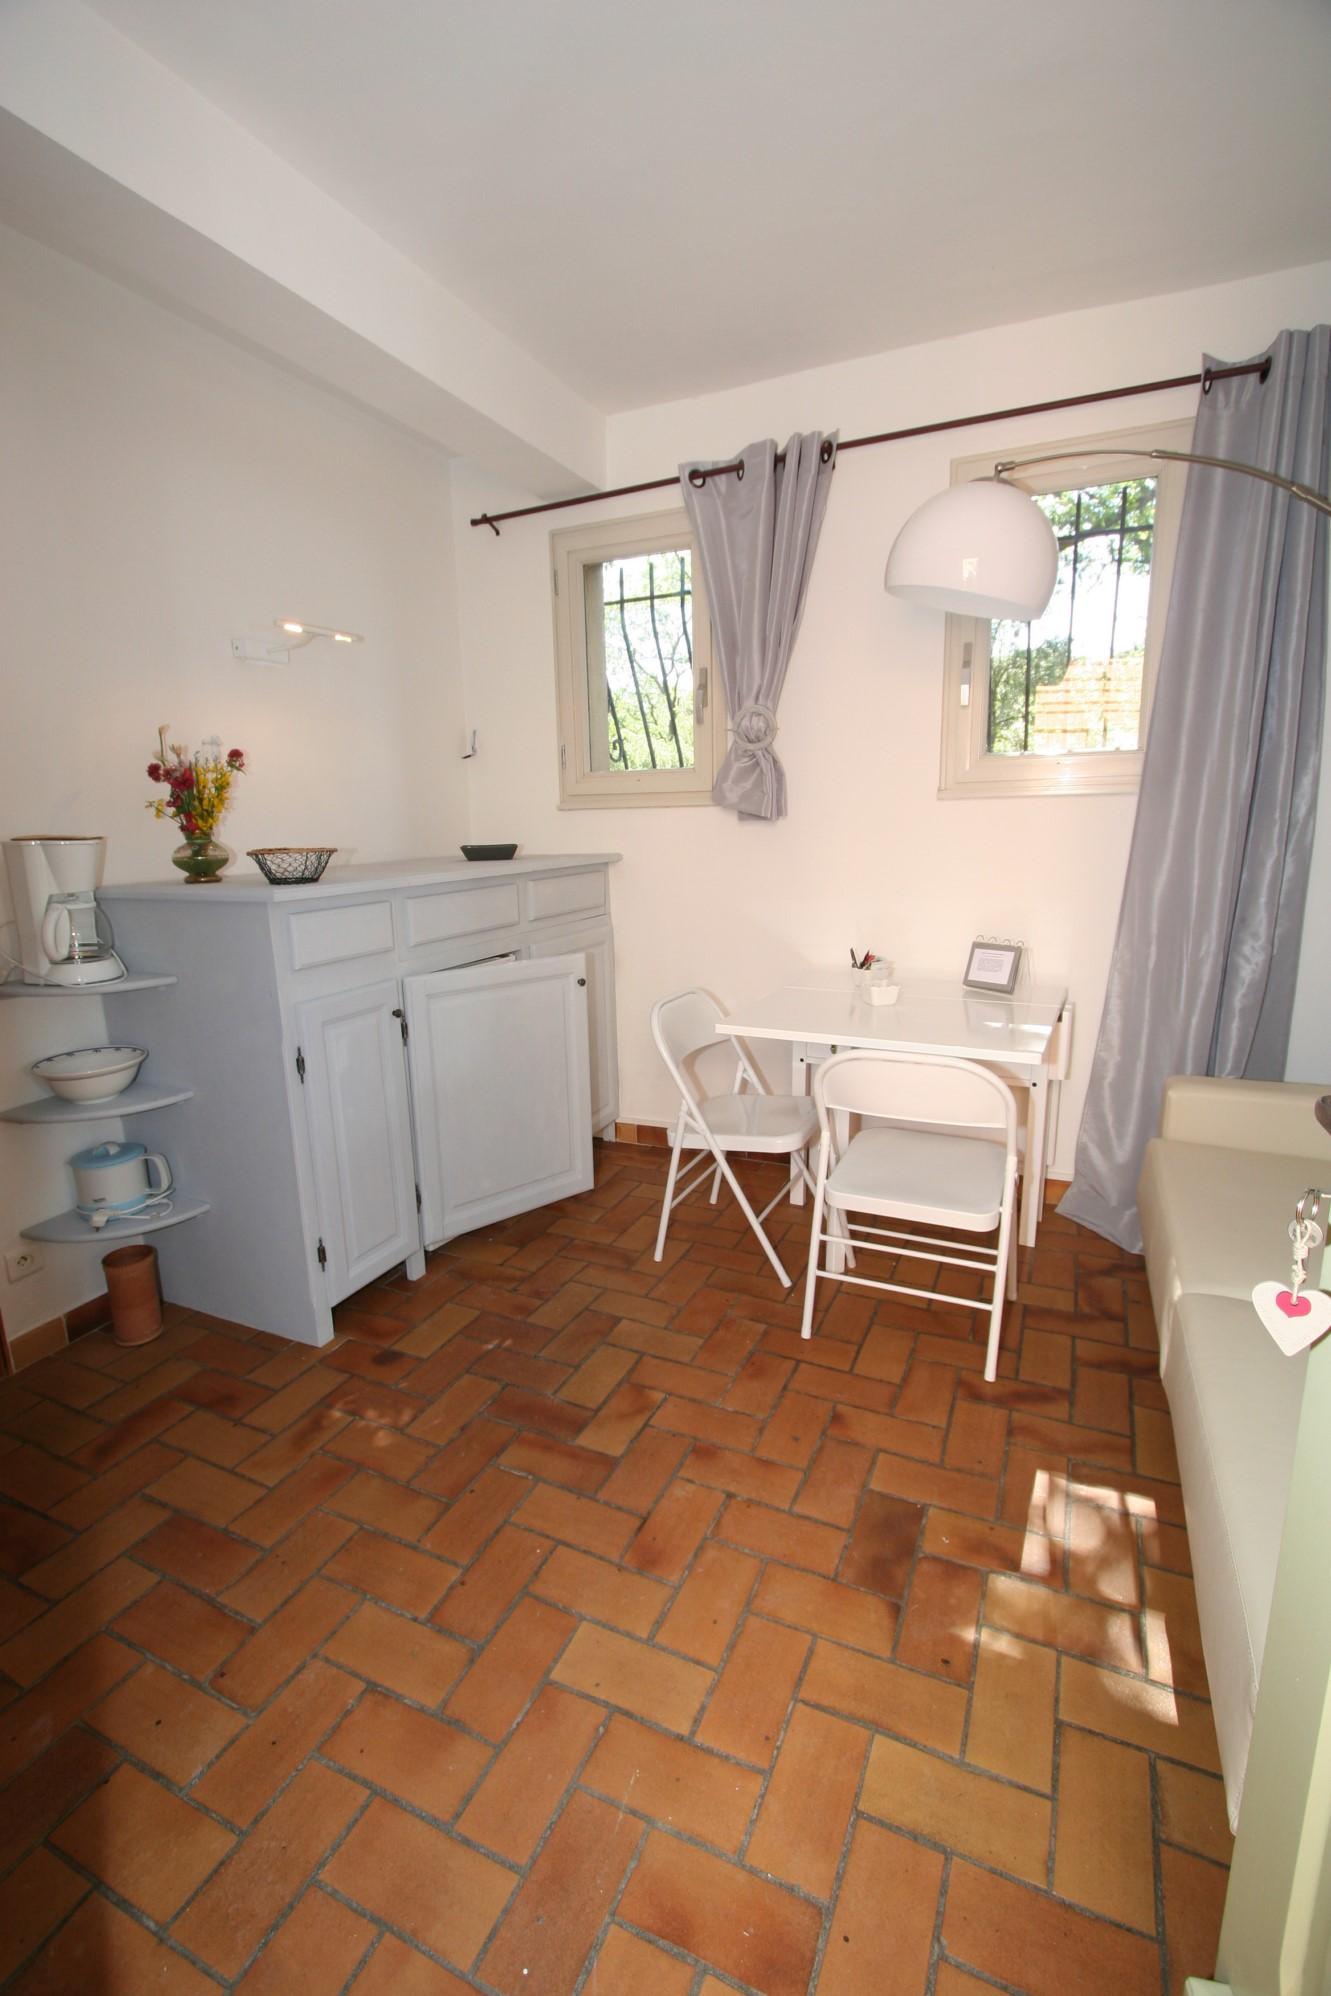 A vendre à Venasque, ferme spacieuse avec gîtes et chambres d'hôtes